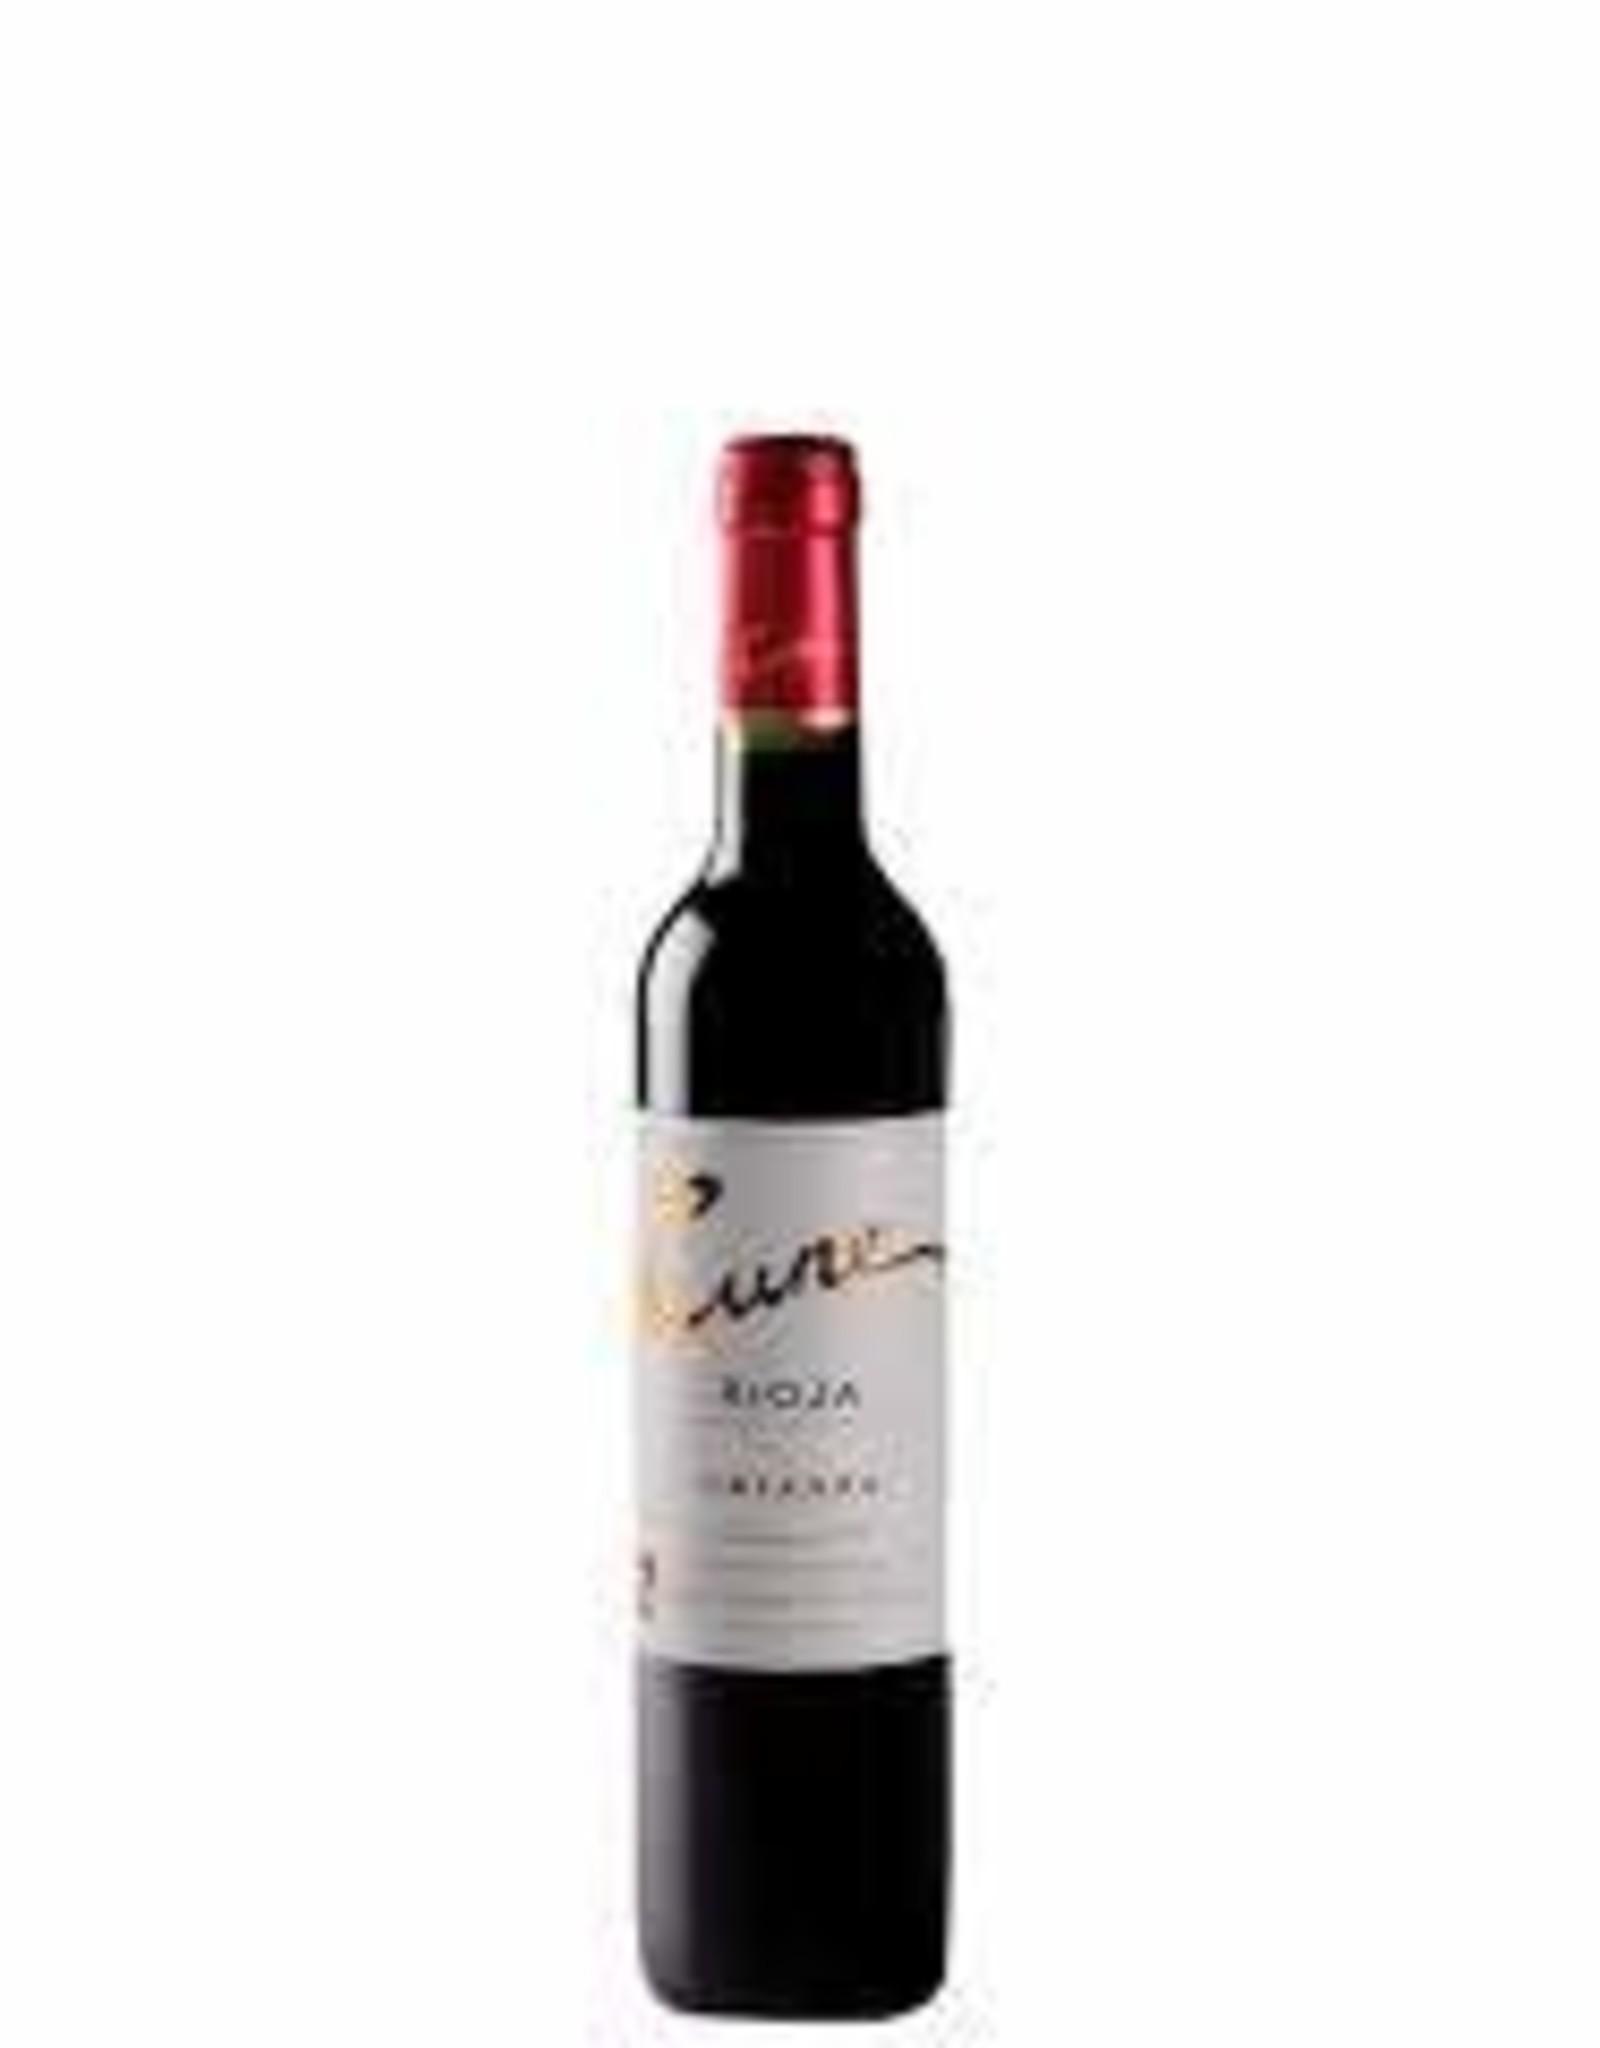 Rioja Crianza, CVNE (Cune) 2017 (375 ML)